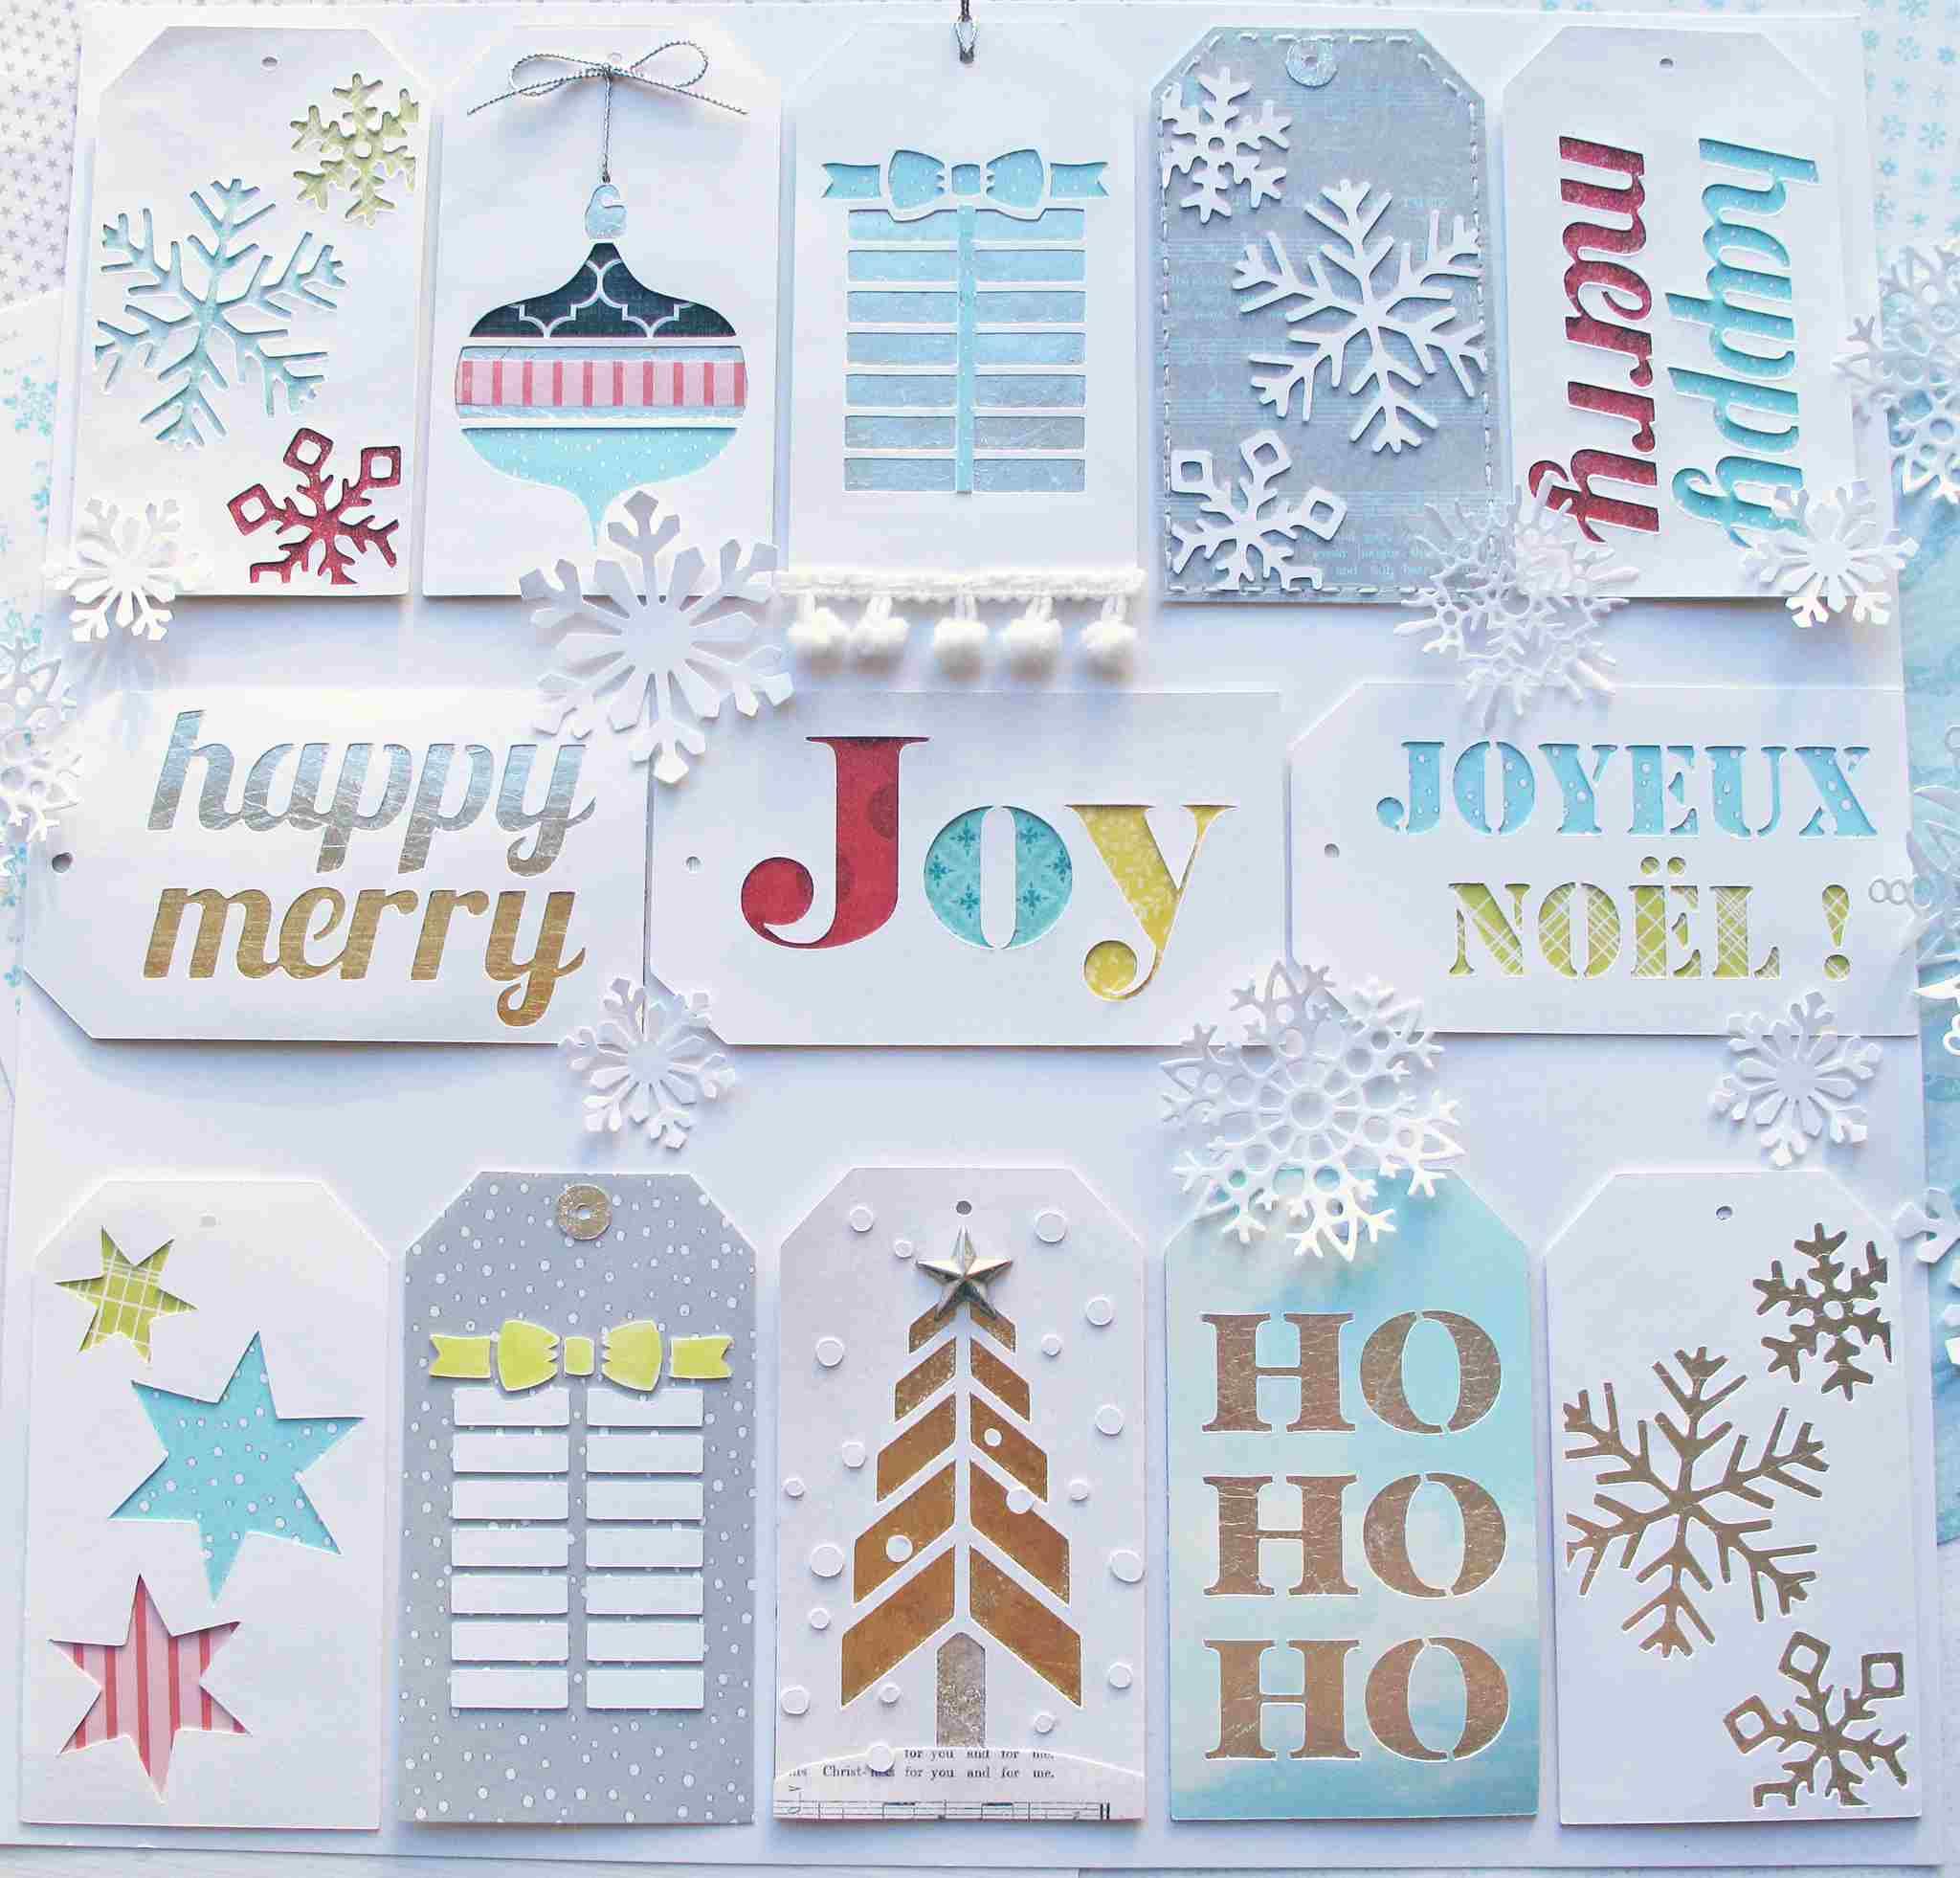 Christmas gift tags on a table